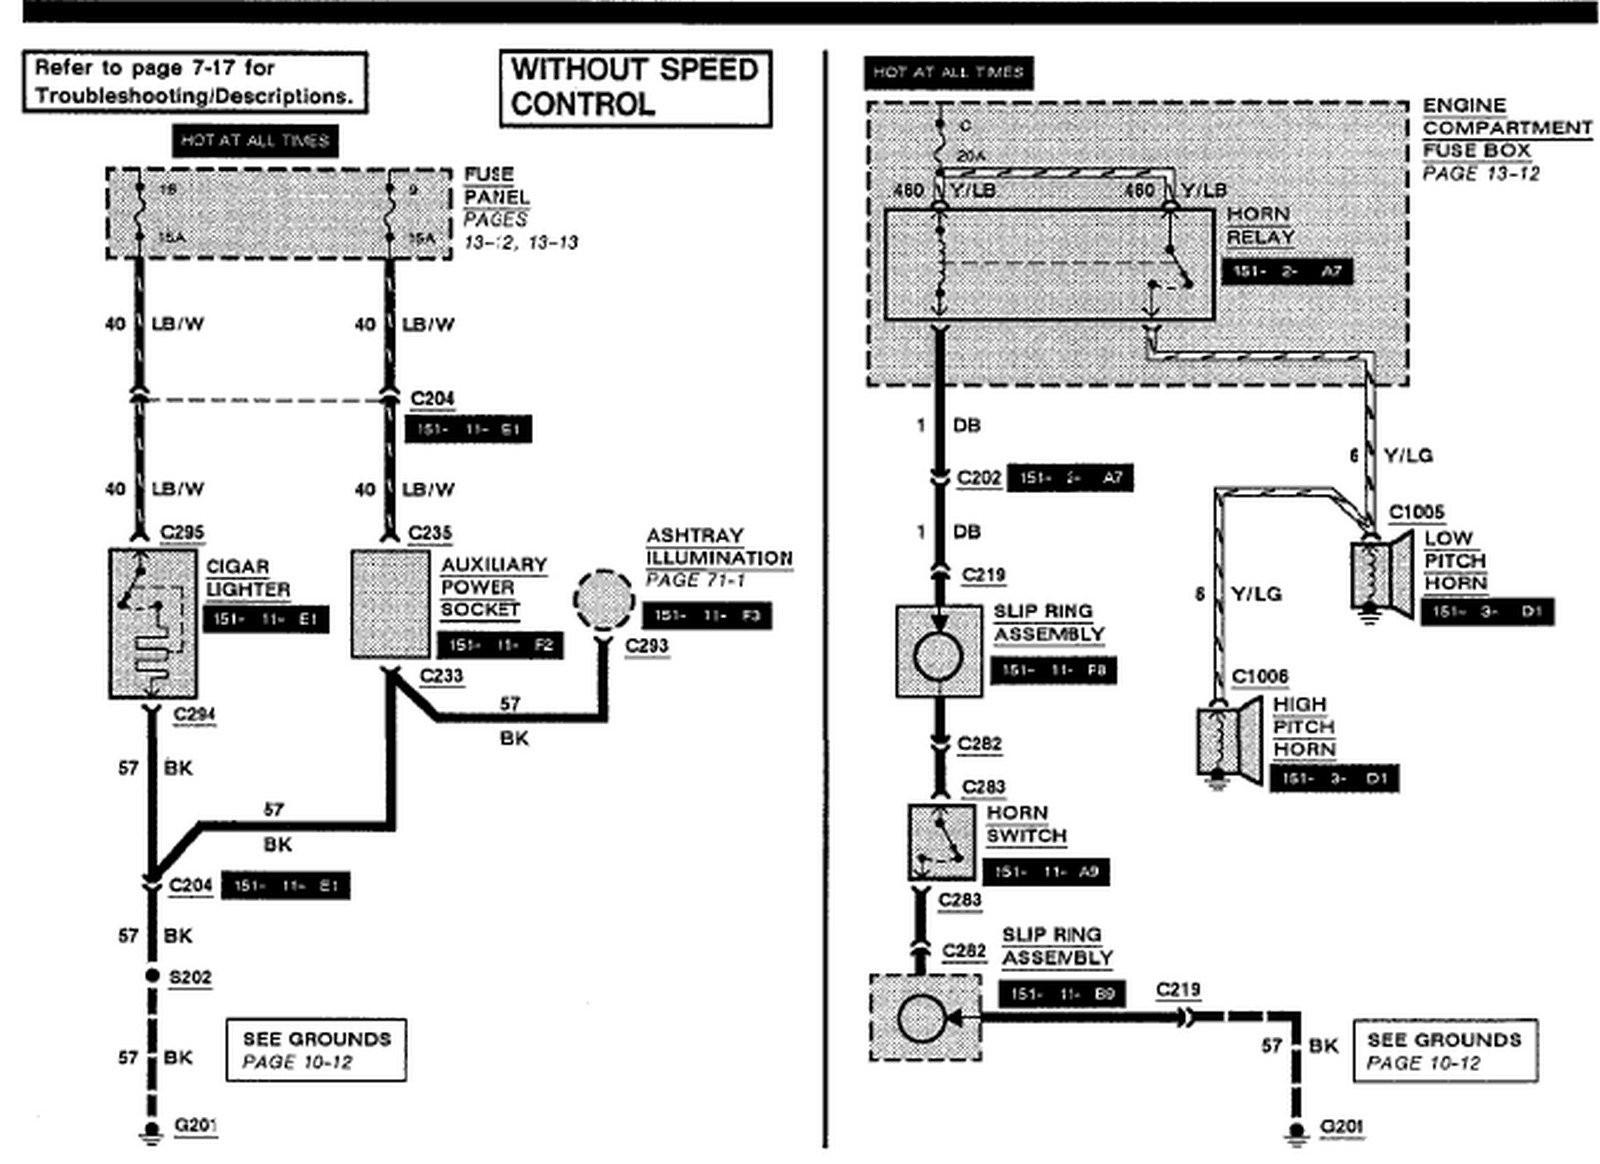 92 F150 Wiring Diagram | Free Wiring Diagram